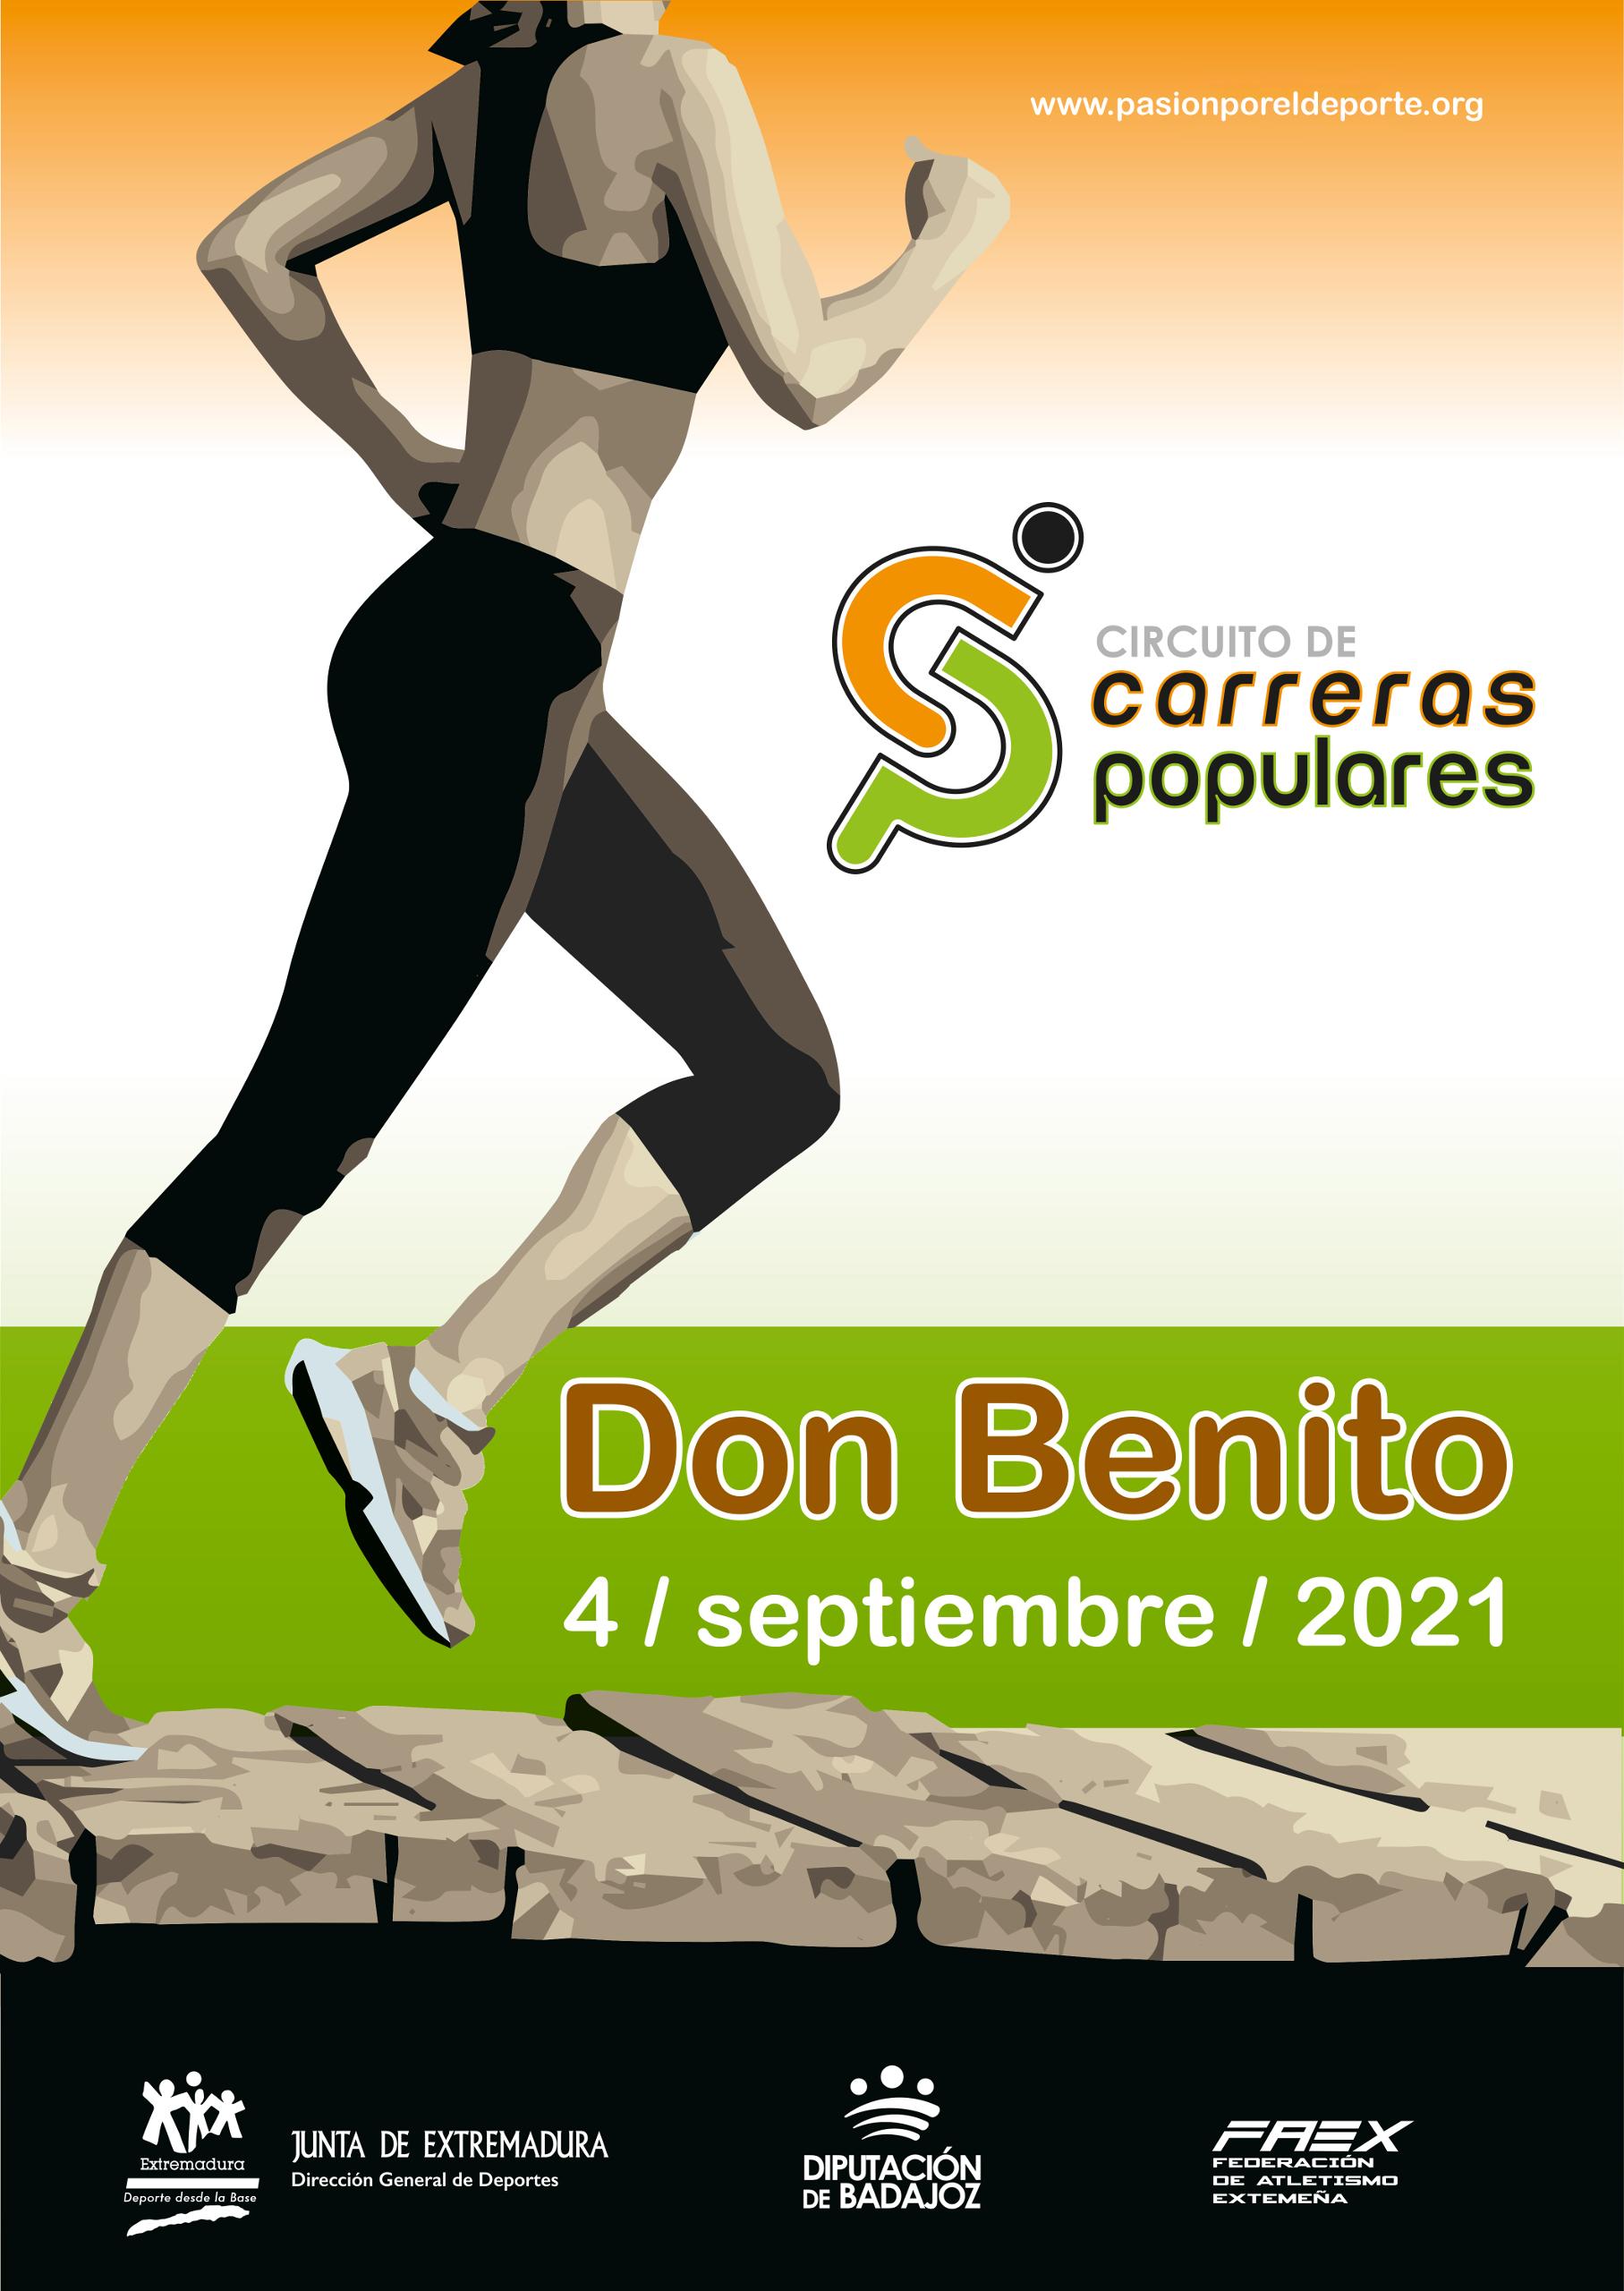 Imagen del Evento Circuito de Carreras Populares en DON BENITO